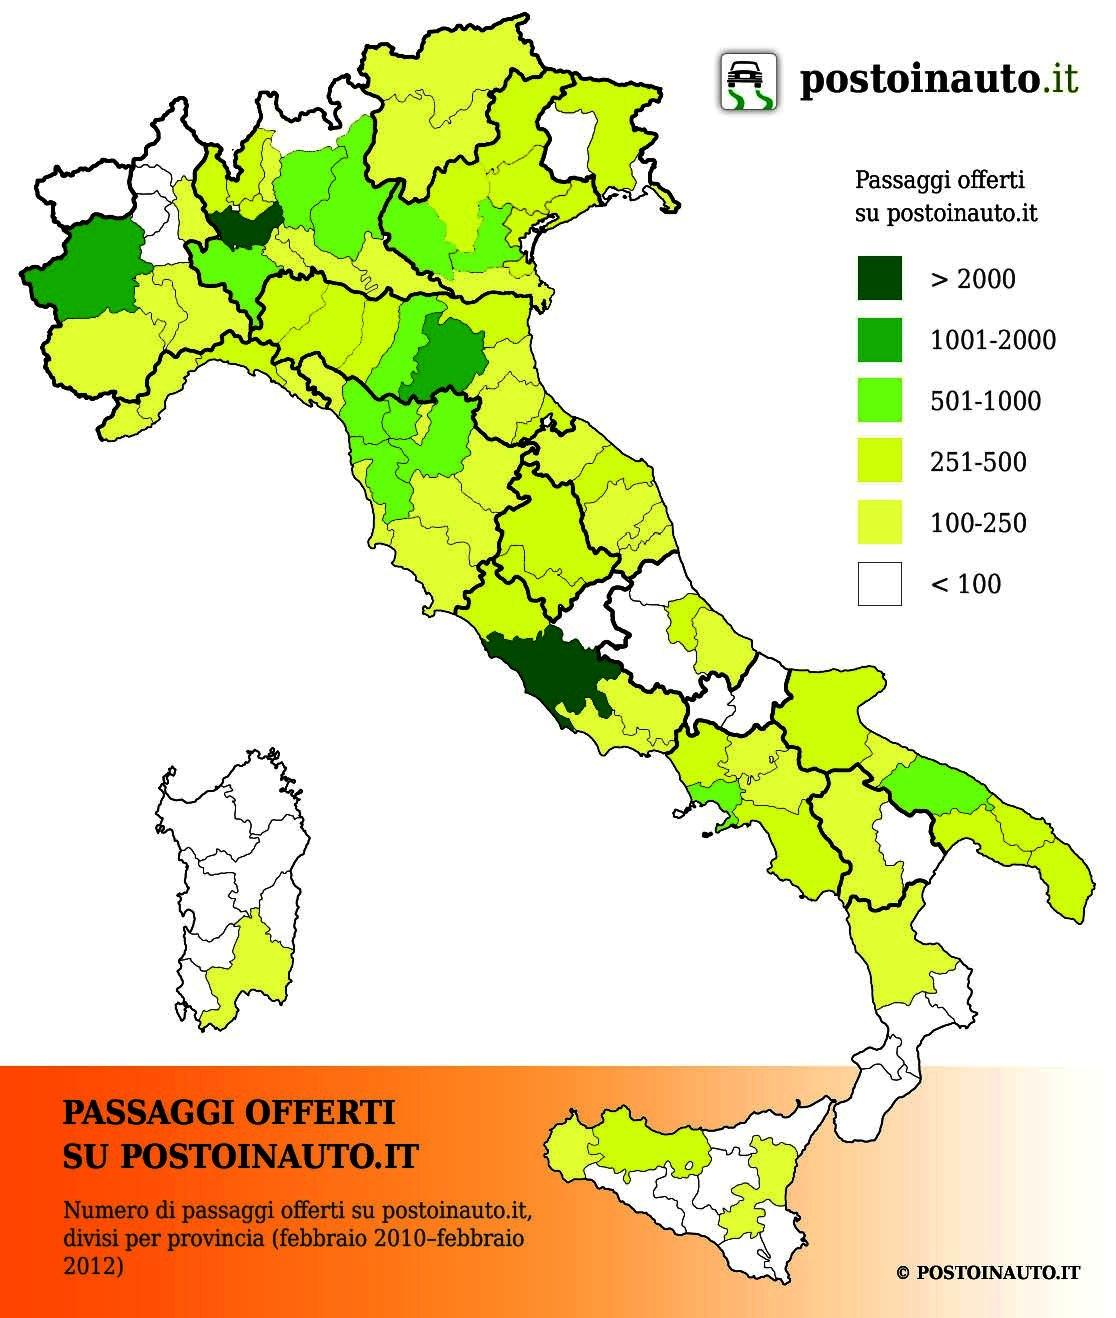 Passaggi in automobile in Italia